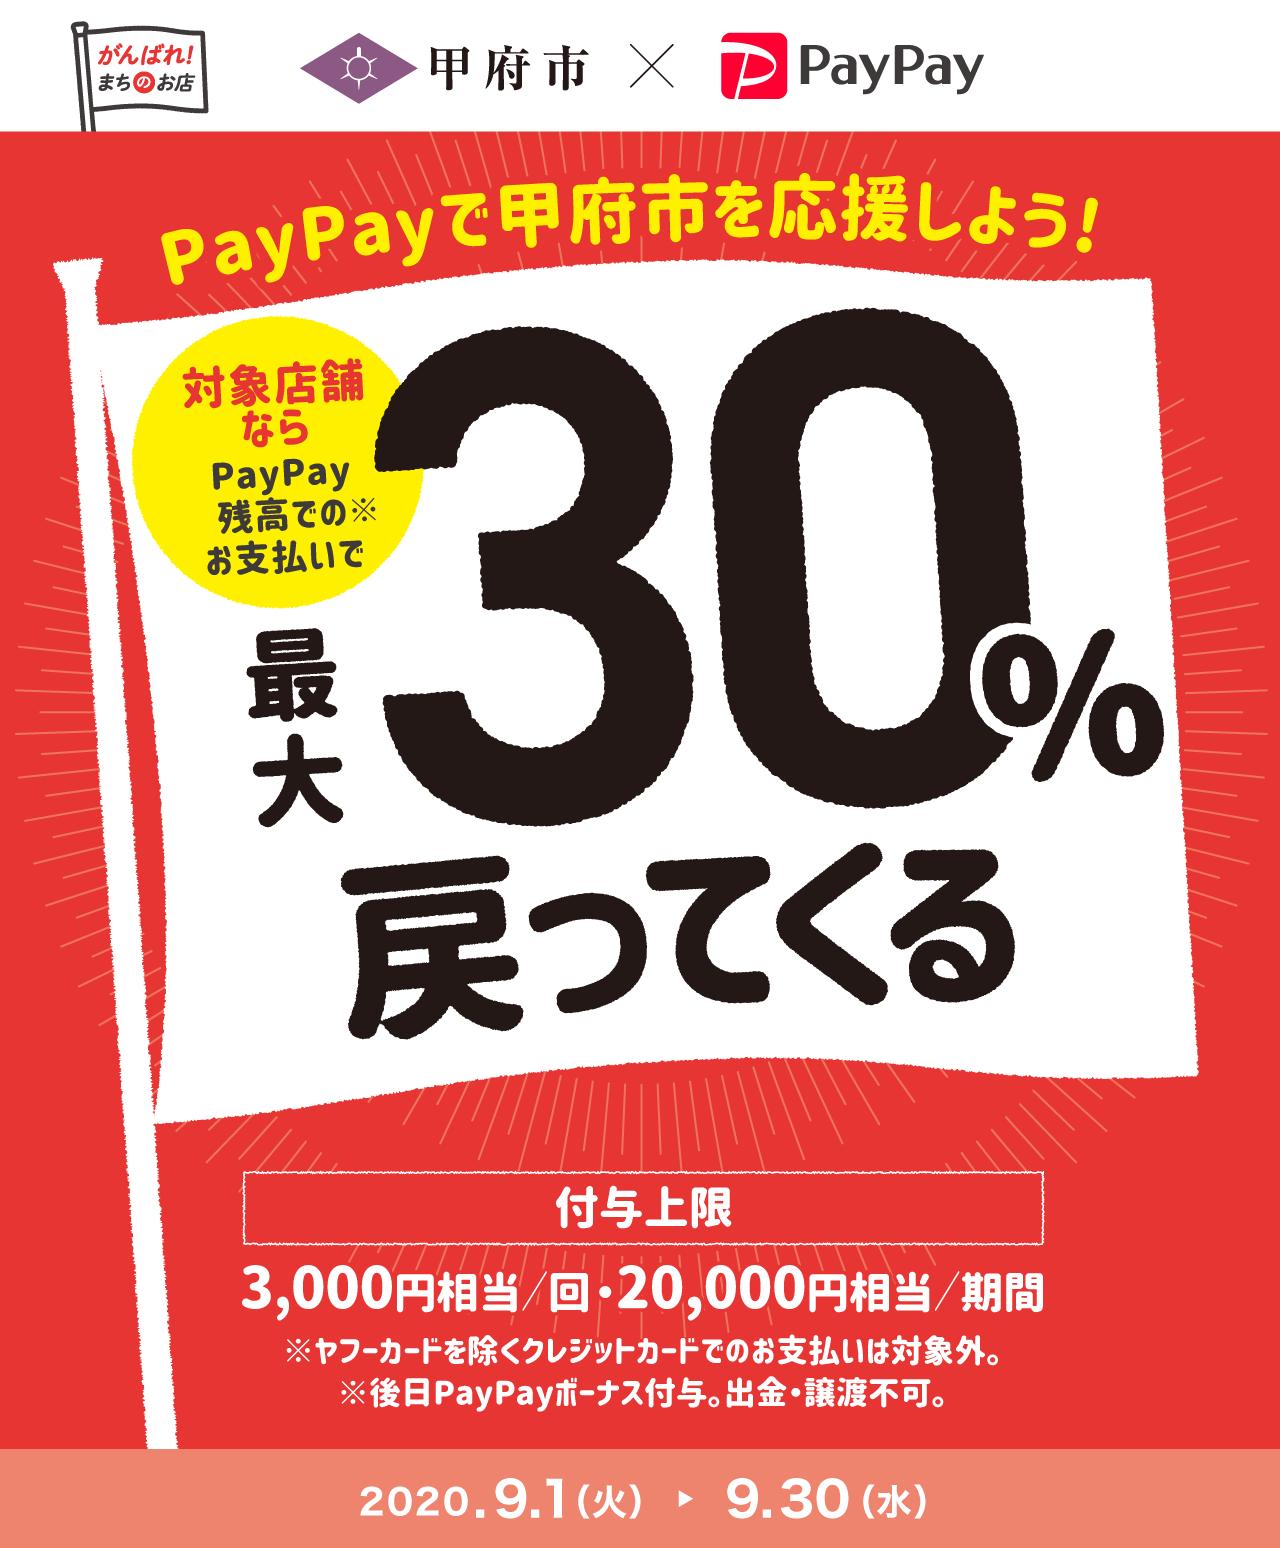 PayPayで甲府市を応援しよう!対象店舗ならPayPay残高でのお支払いで最大30%戻ってくる